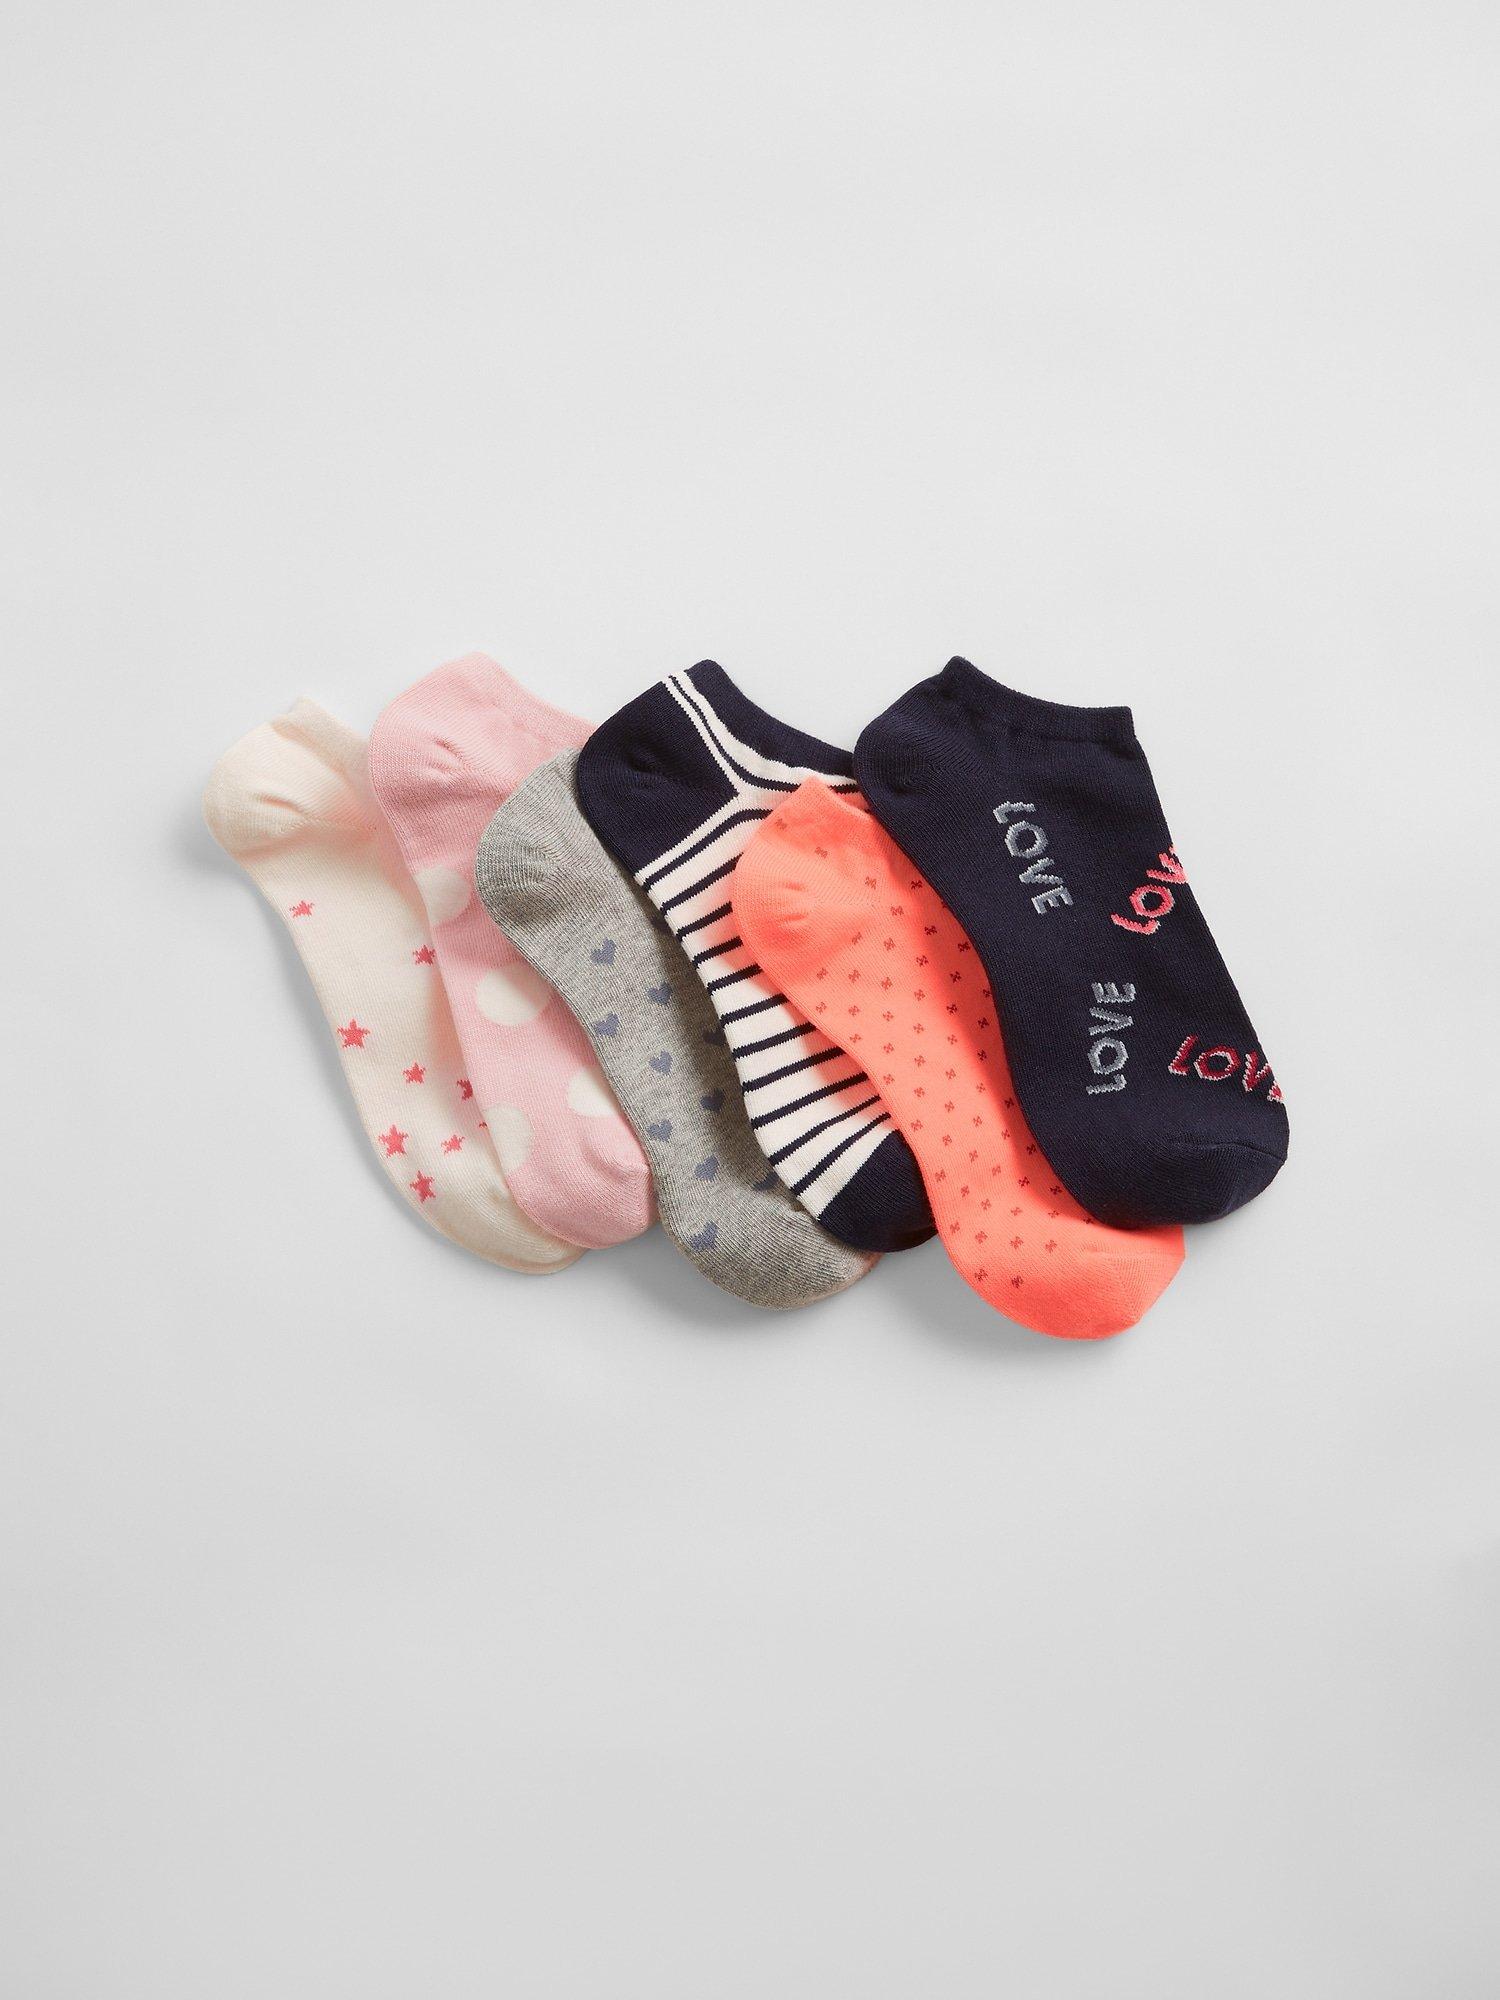 E-shop Dámské ponožky v modré a růžové barvě V-SPR fsh ankle, 6 párů